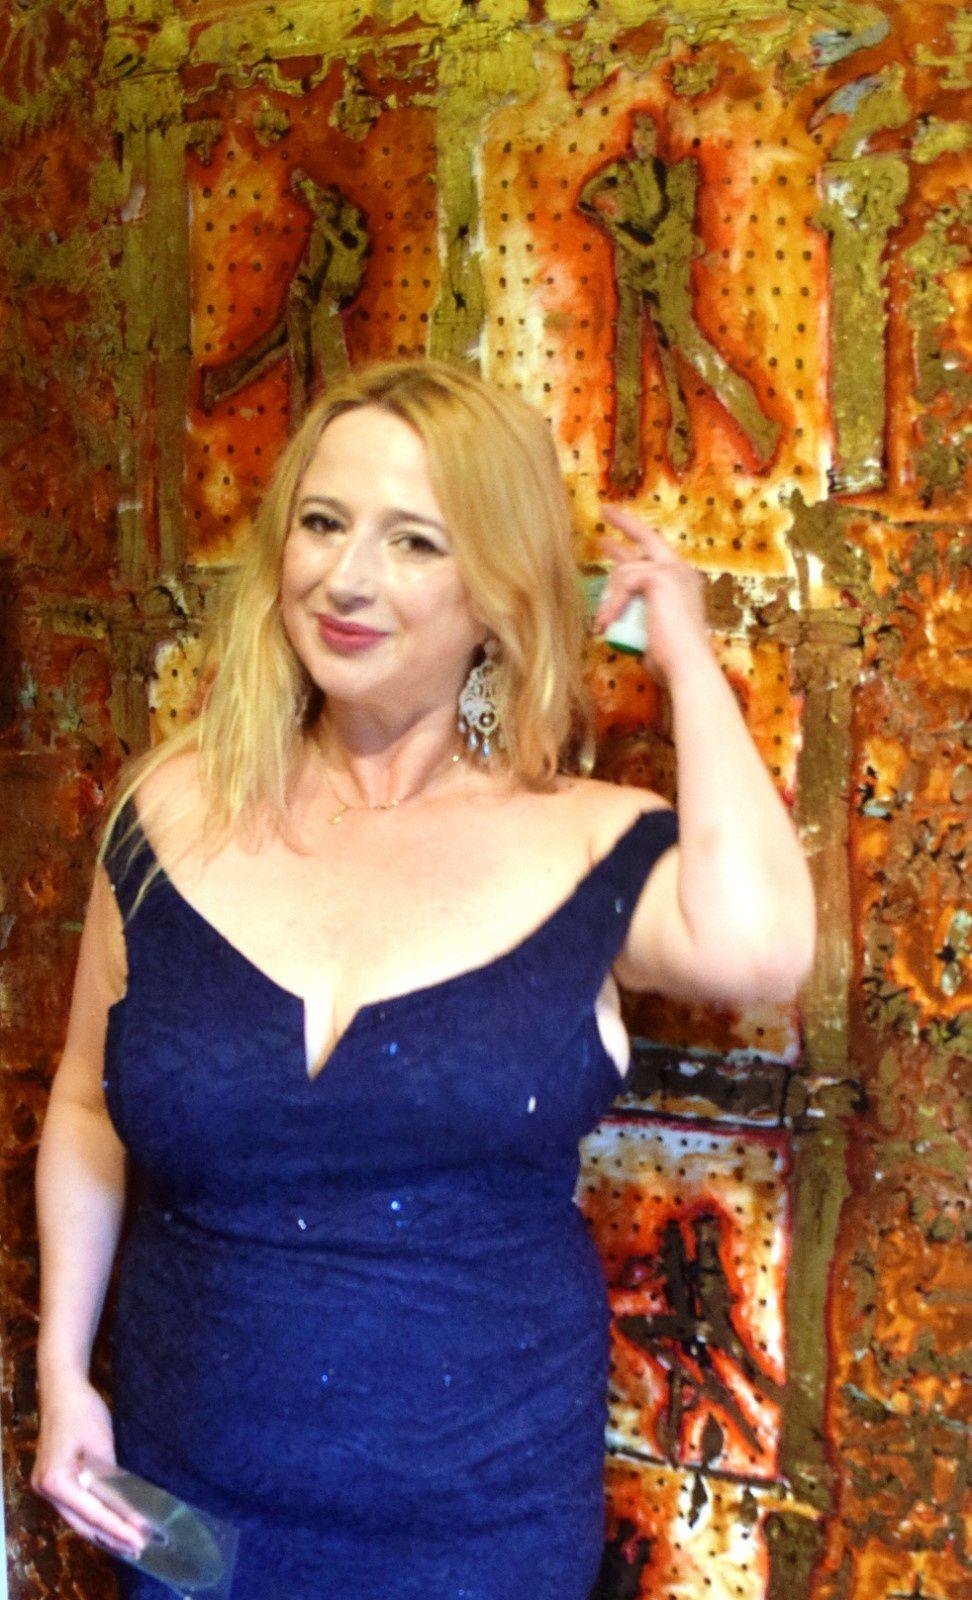 CANNES ART: DANA YORK - LA DEESSEDE L'ART EDENYORKAIS  LA PEINTURE DU BONHEUR